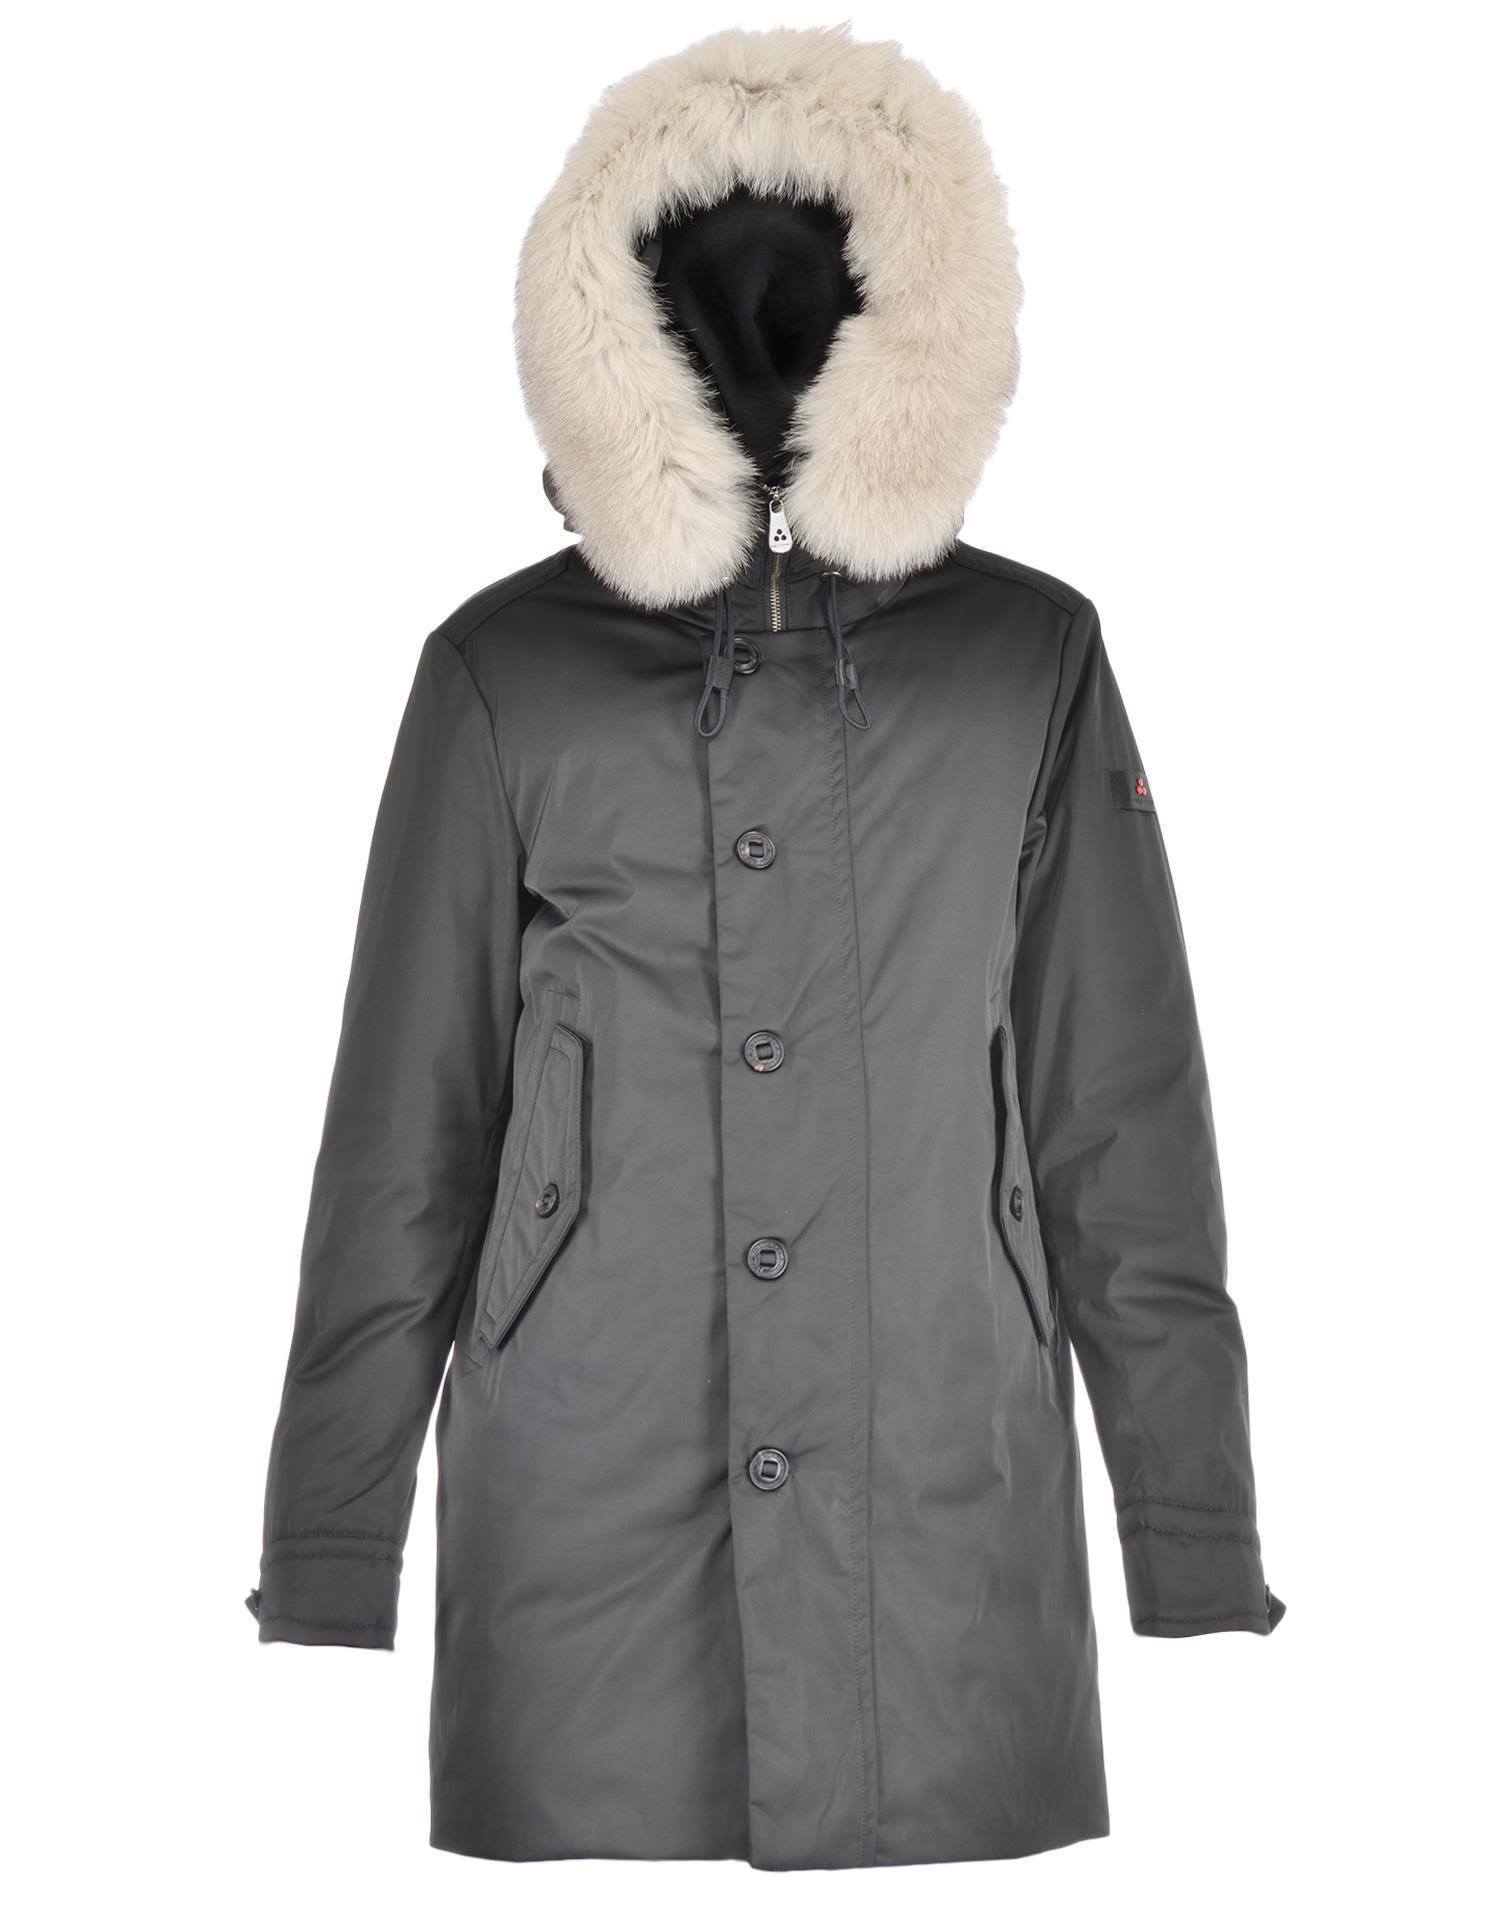 Peuterey Koler Raincoat In Black